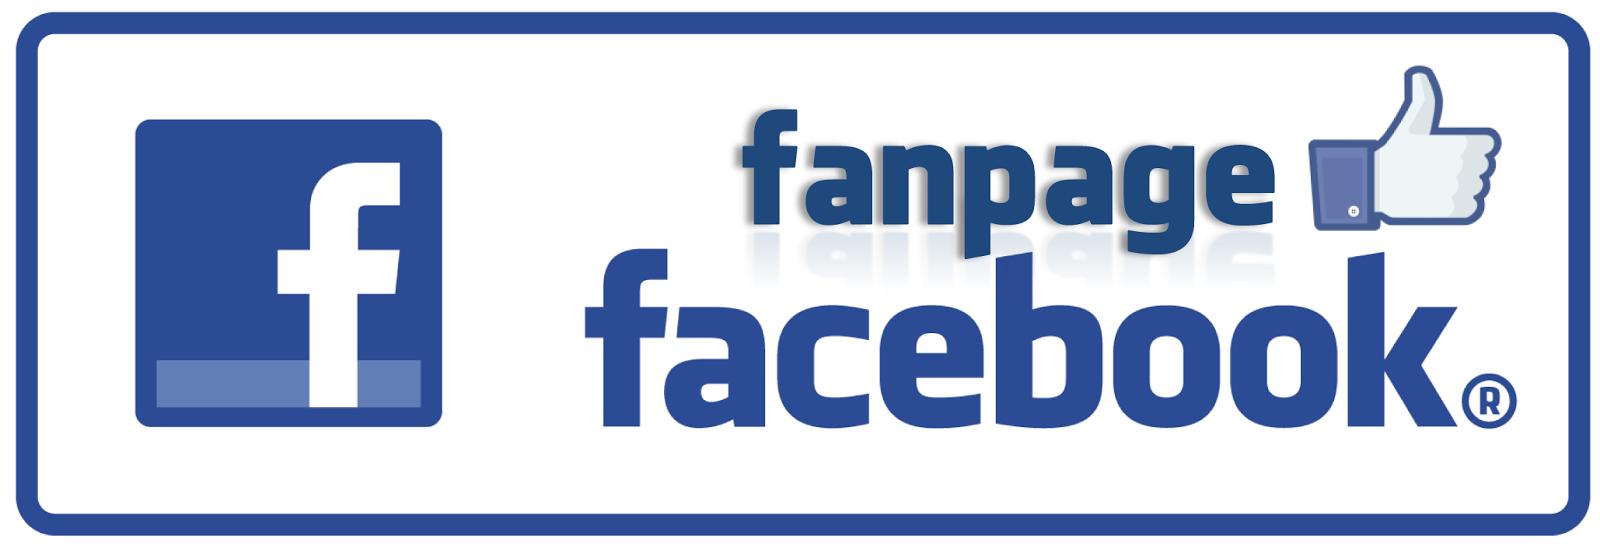 agel-fanpage-บริษัท-อาเจล-ซื้อสินค้า-ราคาถูก